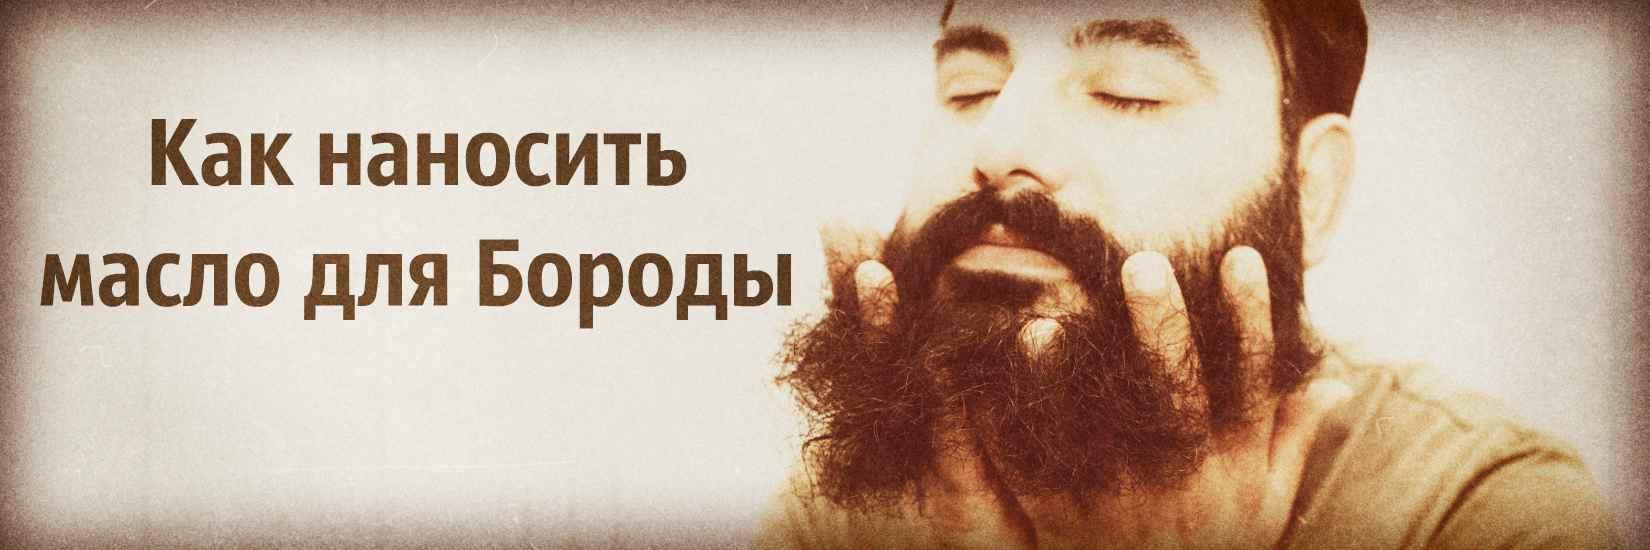 Как наносить МАСЛО для бороды